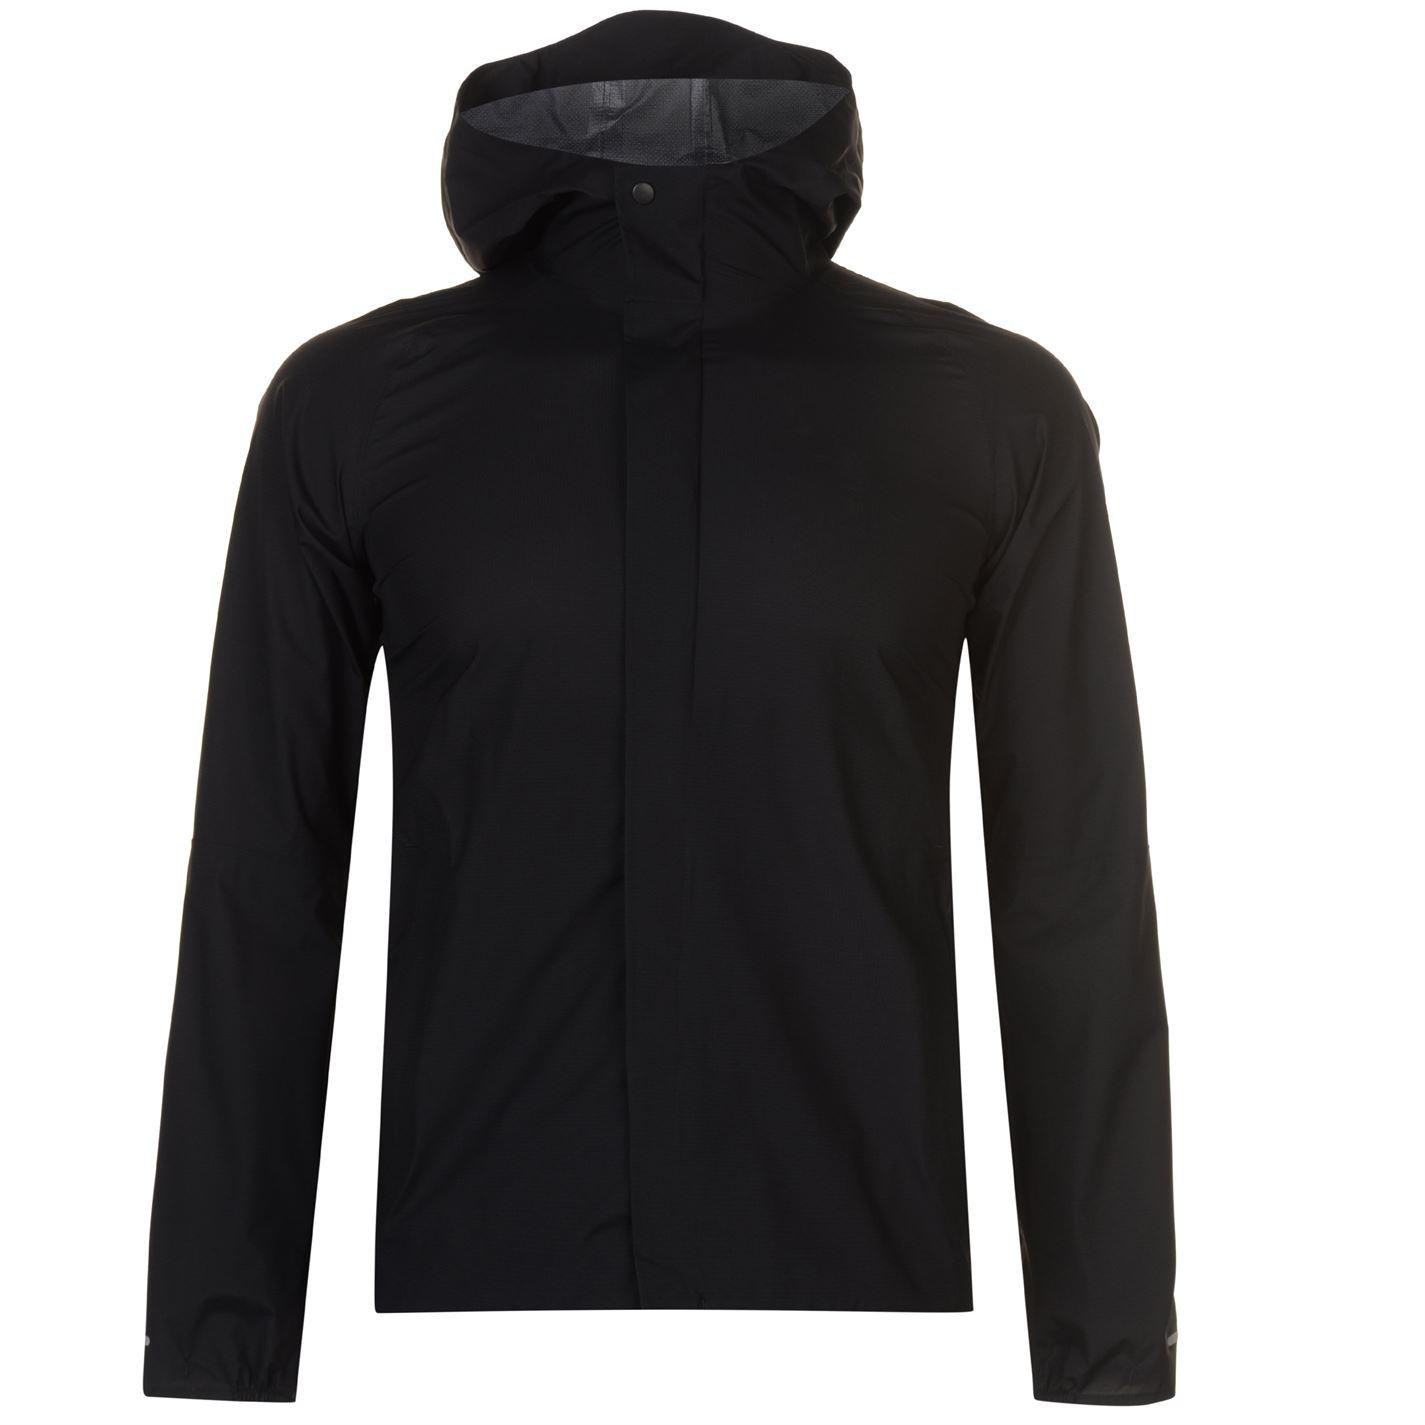 Asics Waterproof Jacket Ladies